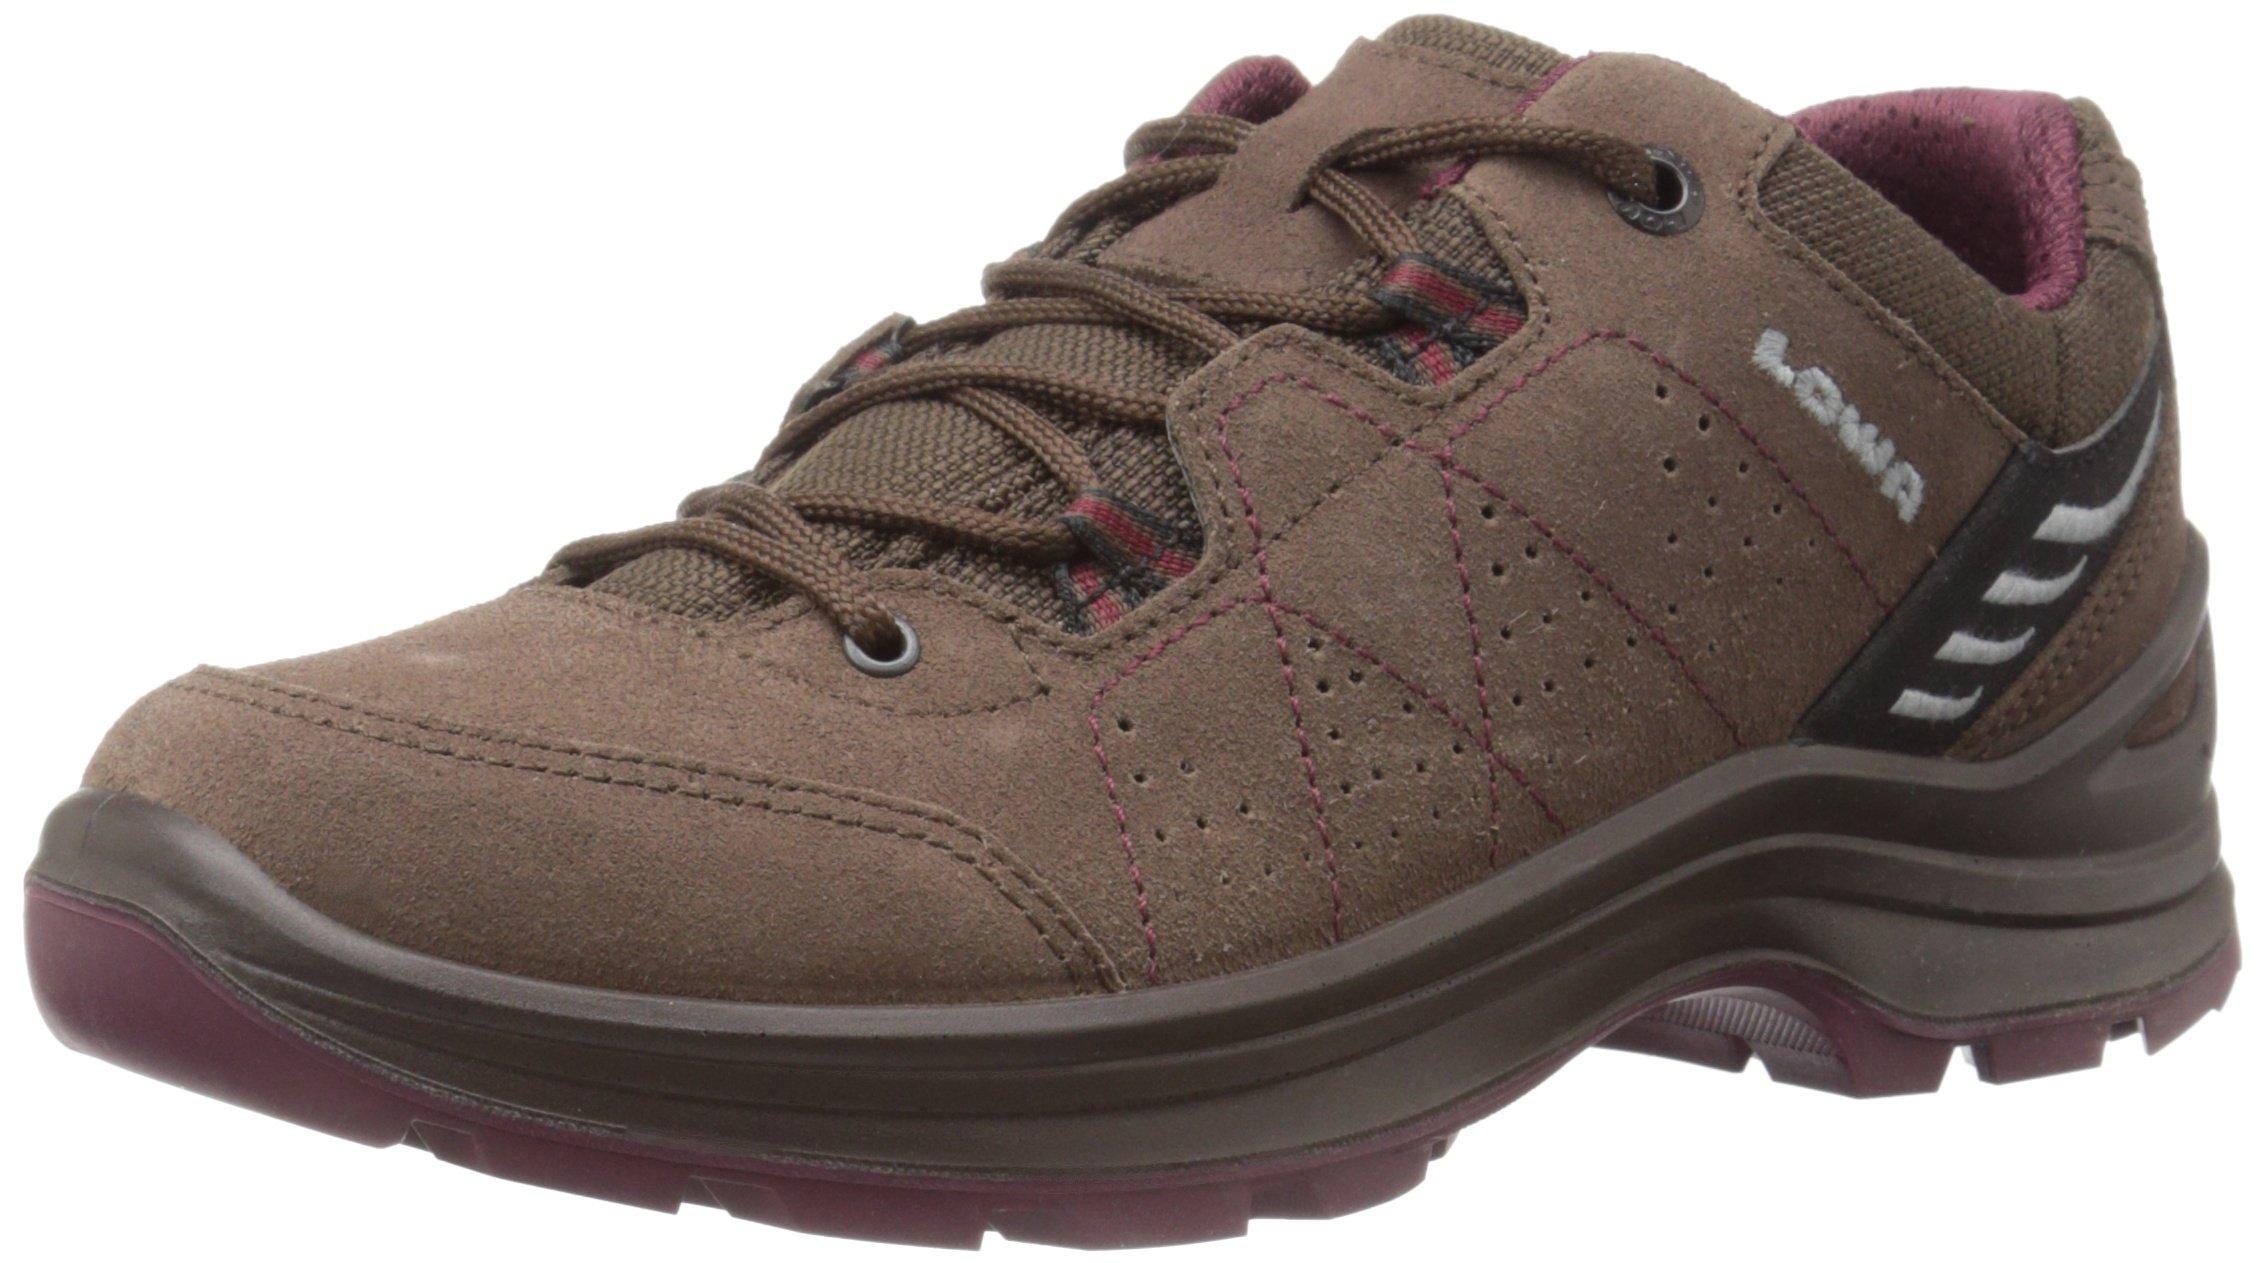 Lowa Women's Tiago Lo WS Hiking Shoe, Espresso/Berry, 11 M US